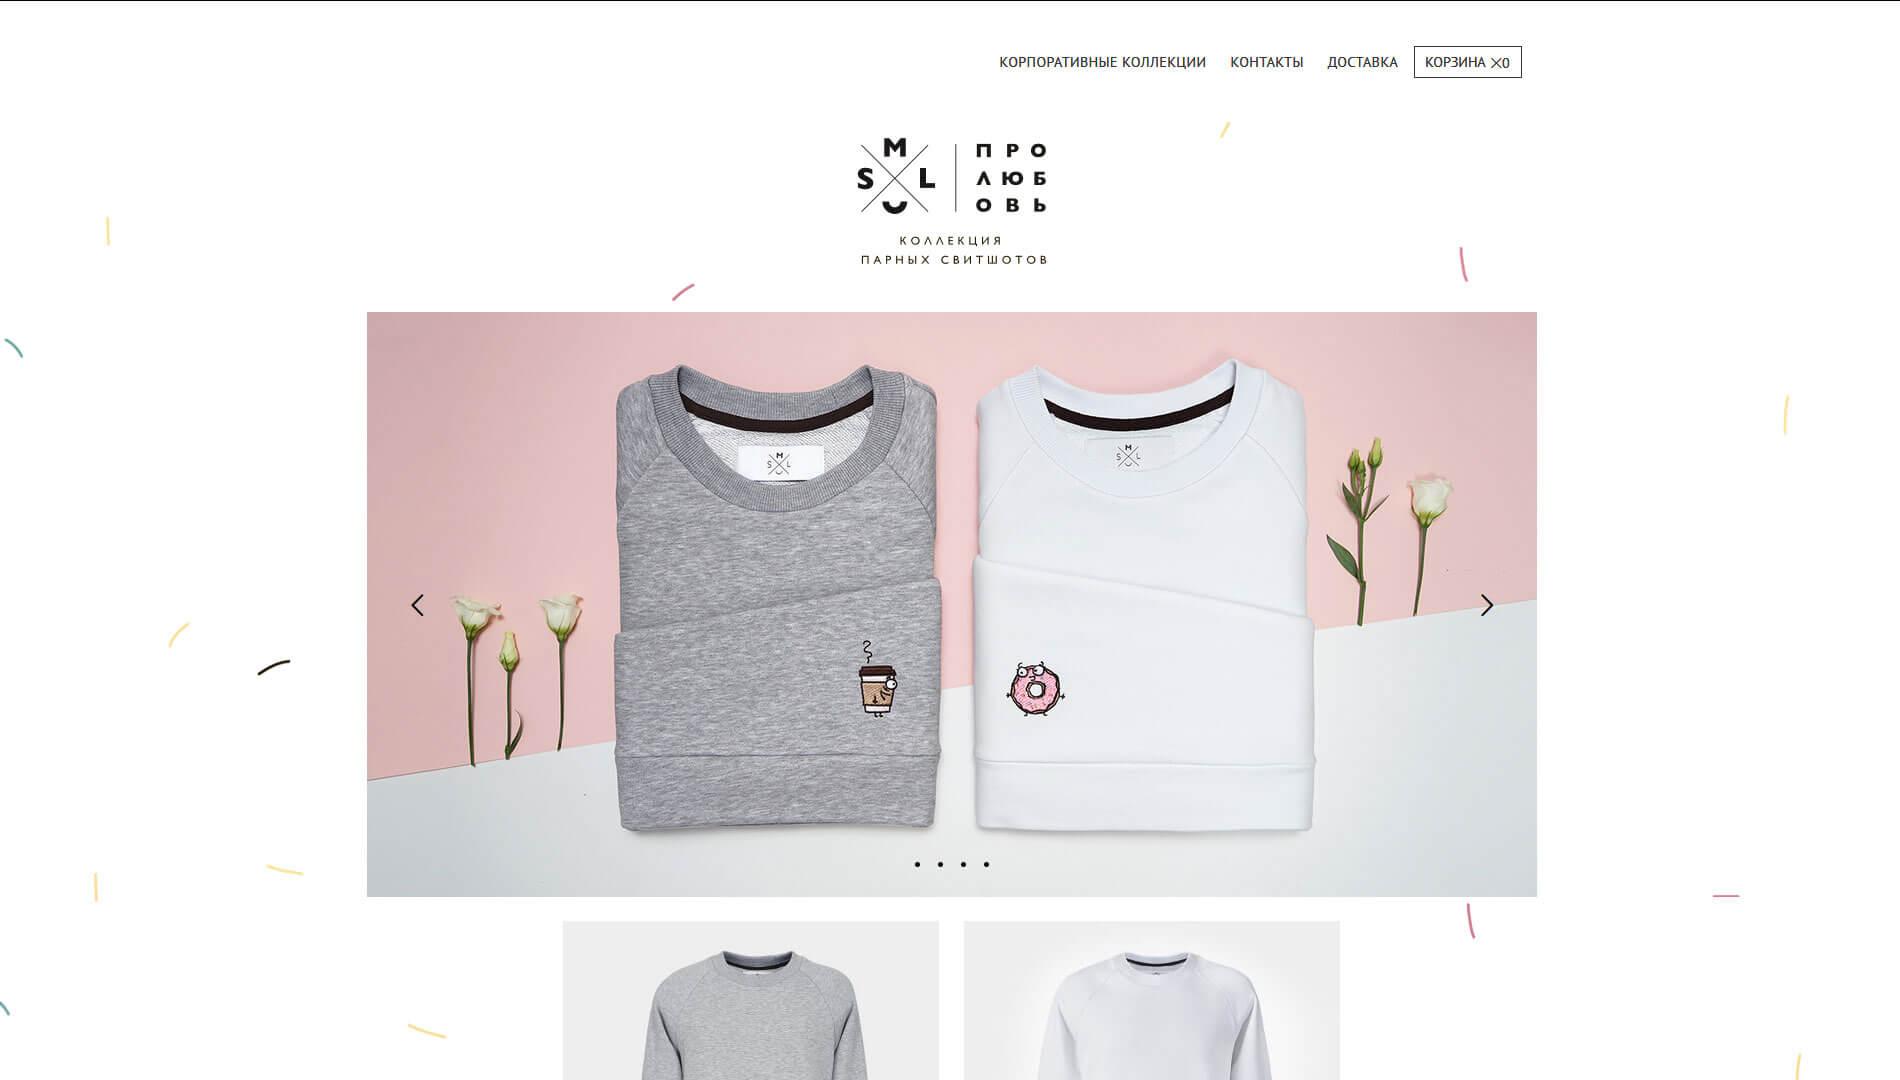 Создание небольшого интернет-магазина дизайнерских свитшотов SML